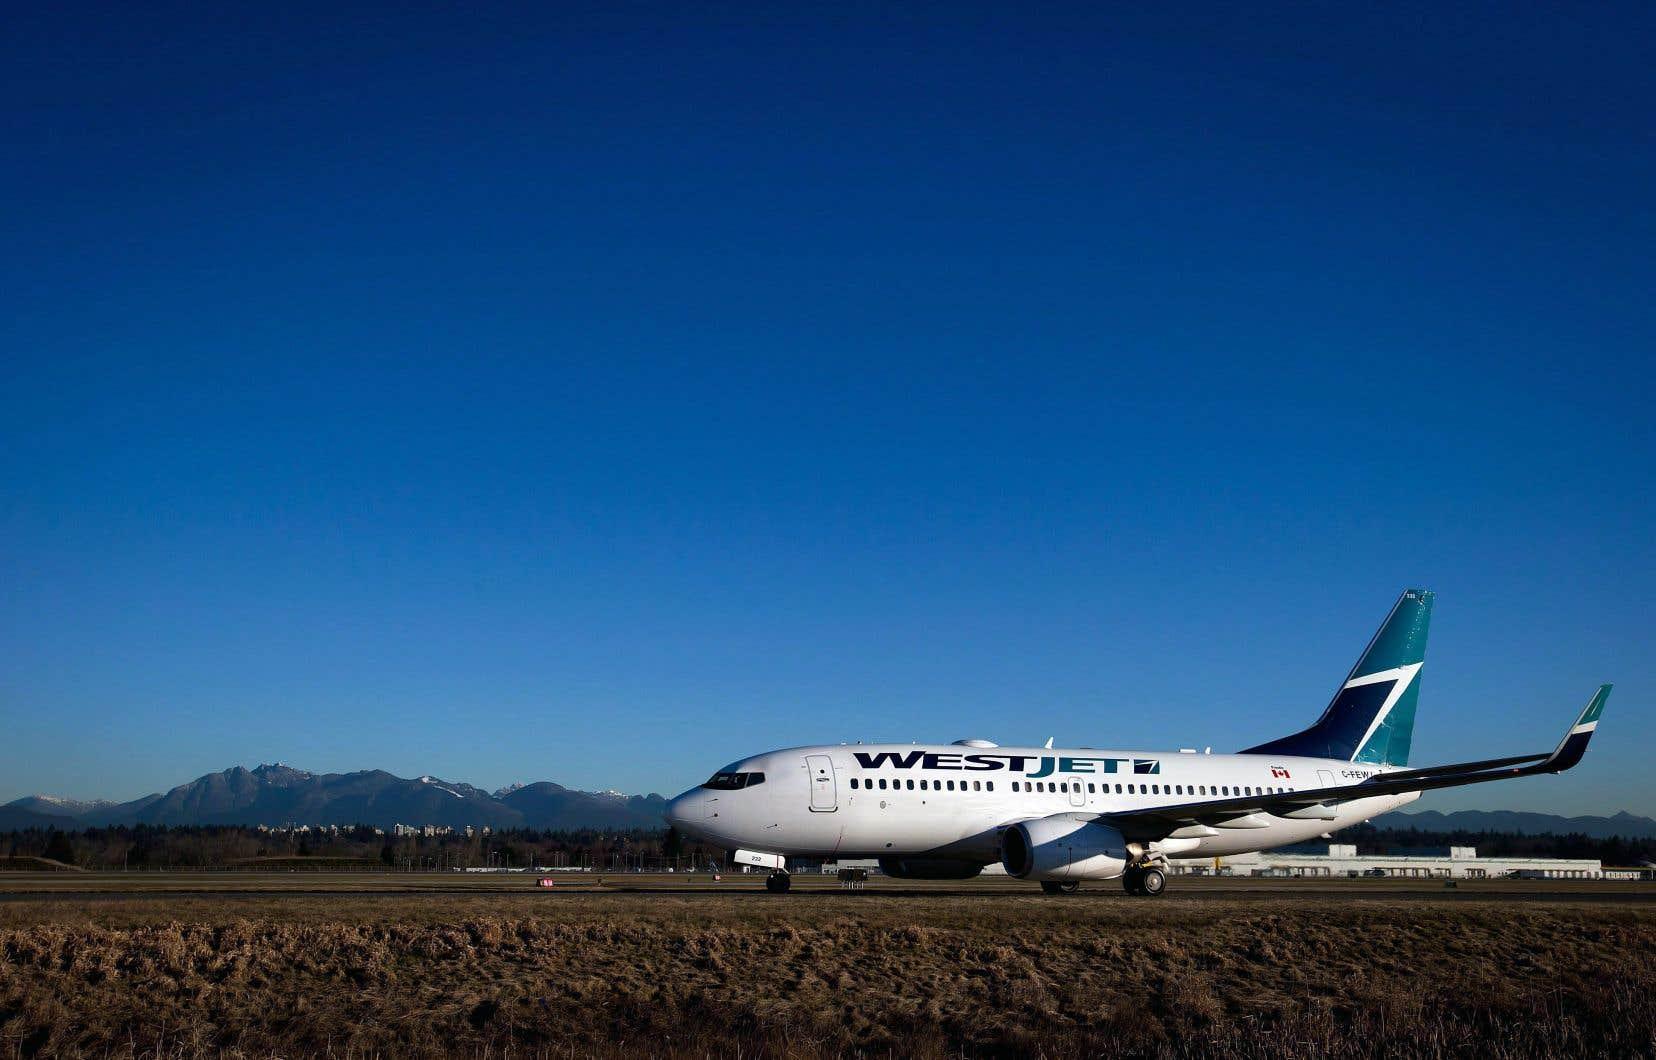 Les profits du transporteur aérien WestJet ont augmenté de 30% au premier trimestre.